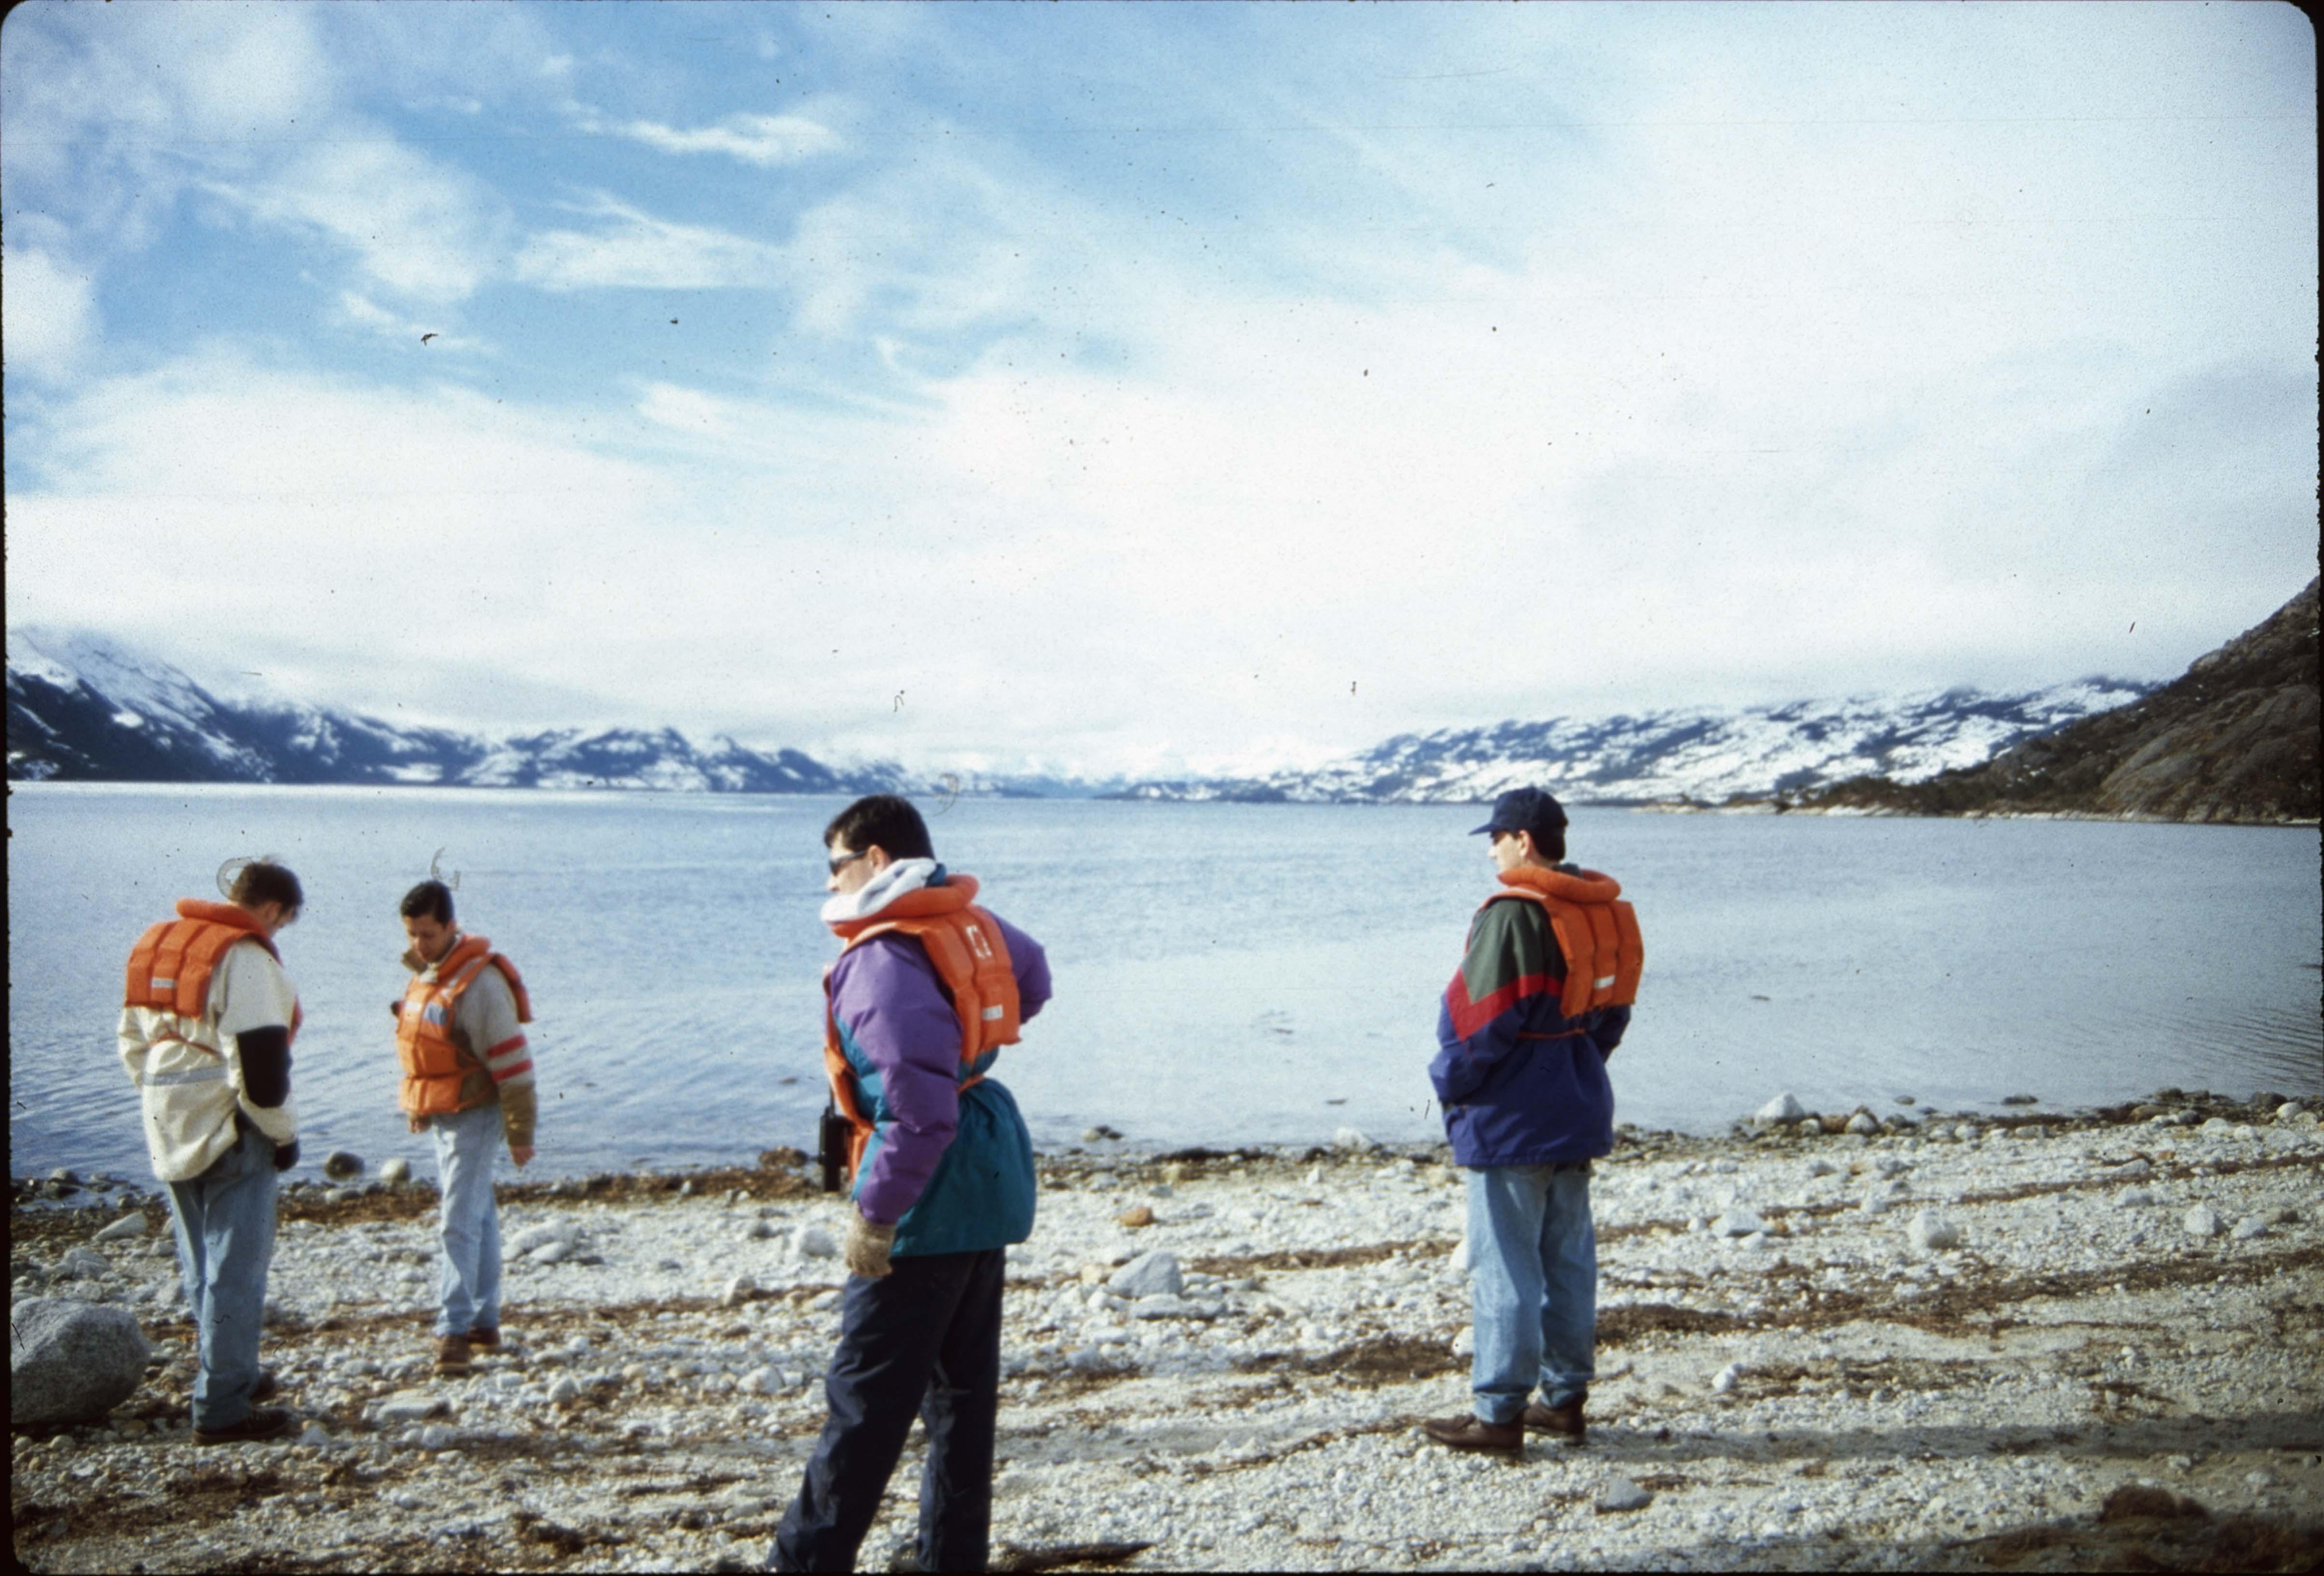 Enterreno - Fotos históricas de chile - fotos antiguas de Chile - Turistas en el Estrecho de Magallanes, 1990